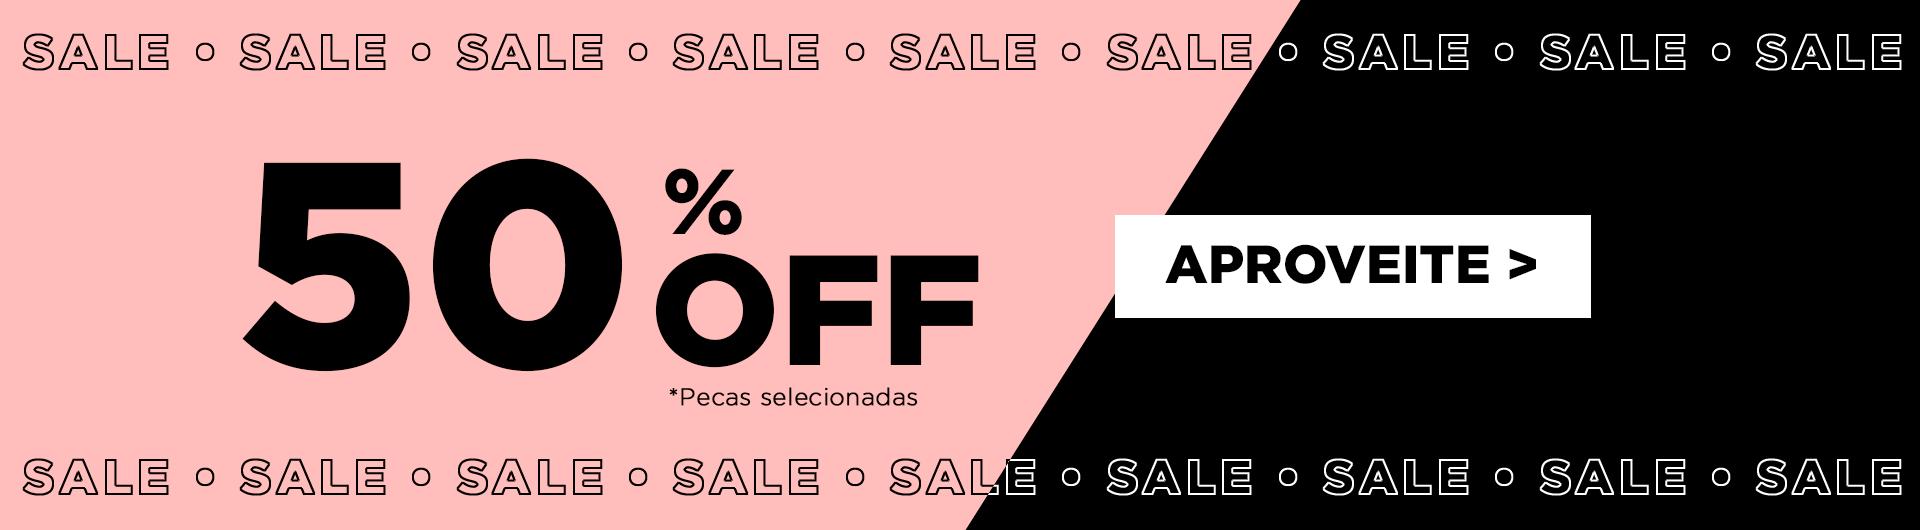 SALE | 50% OFF